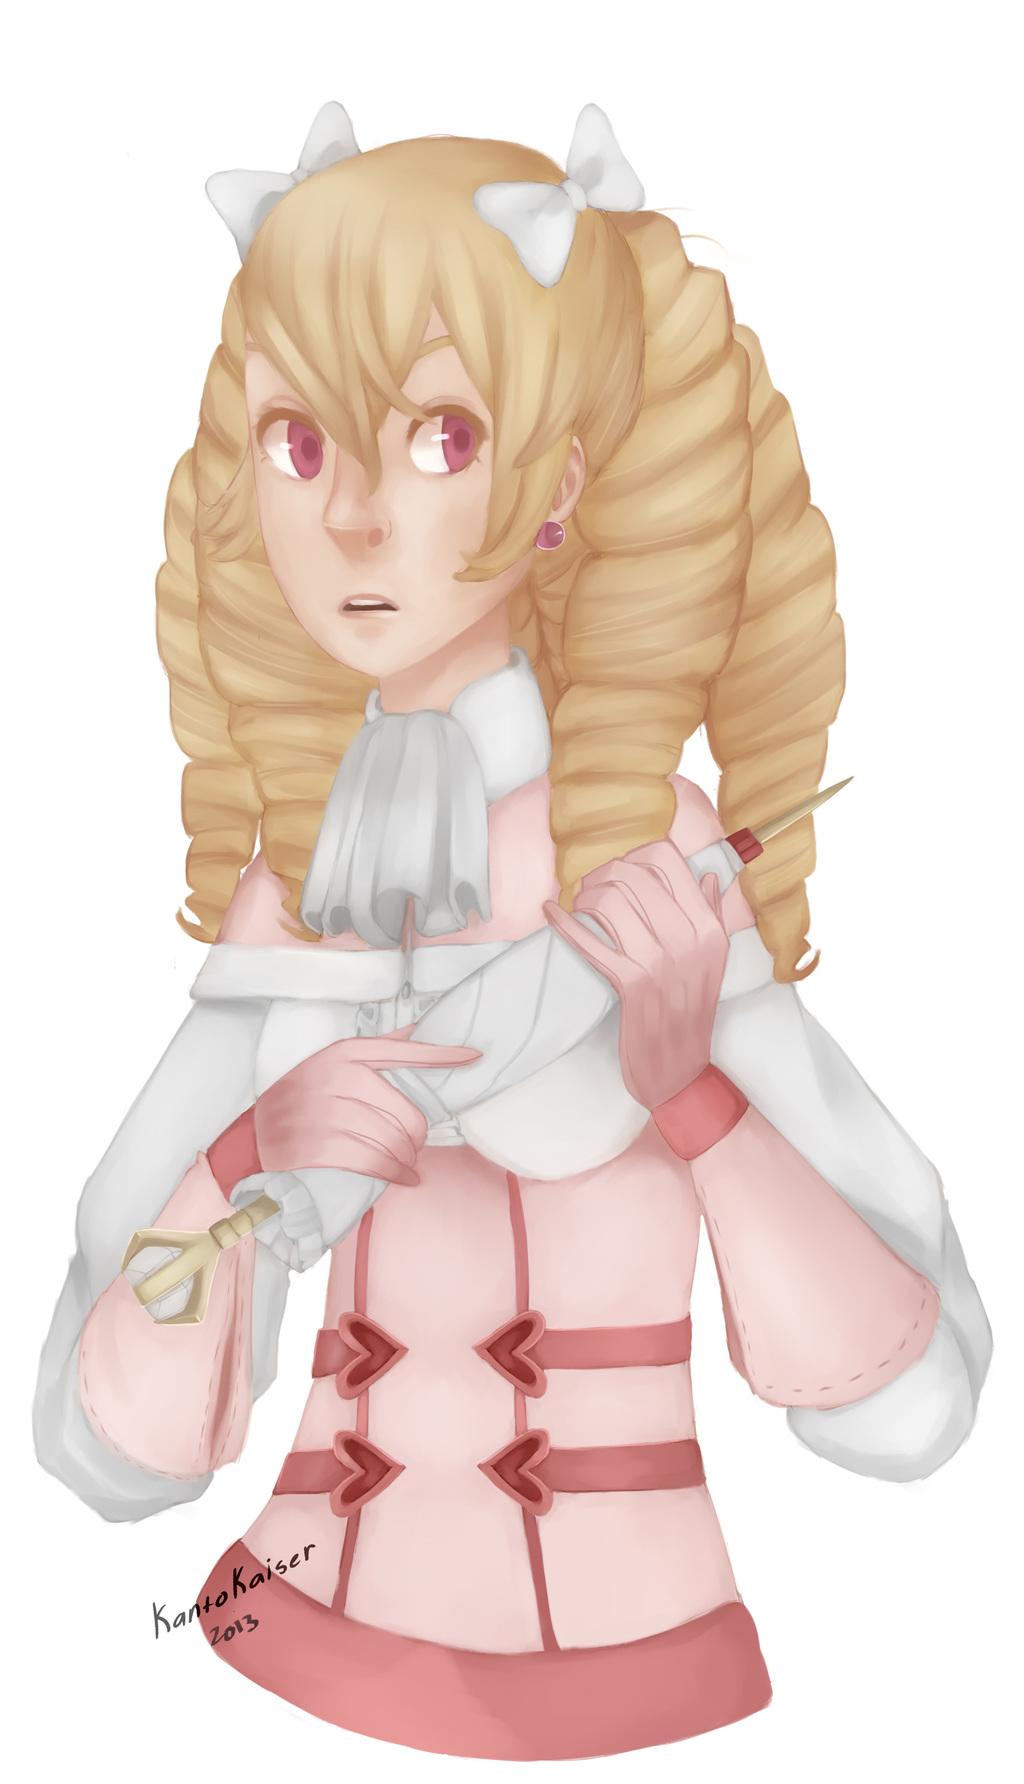 Lady of Themis